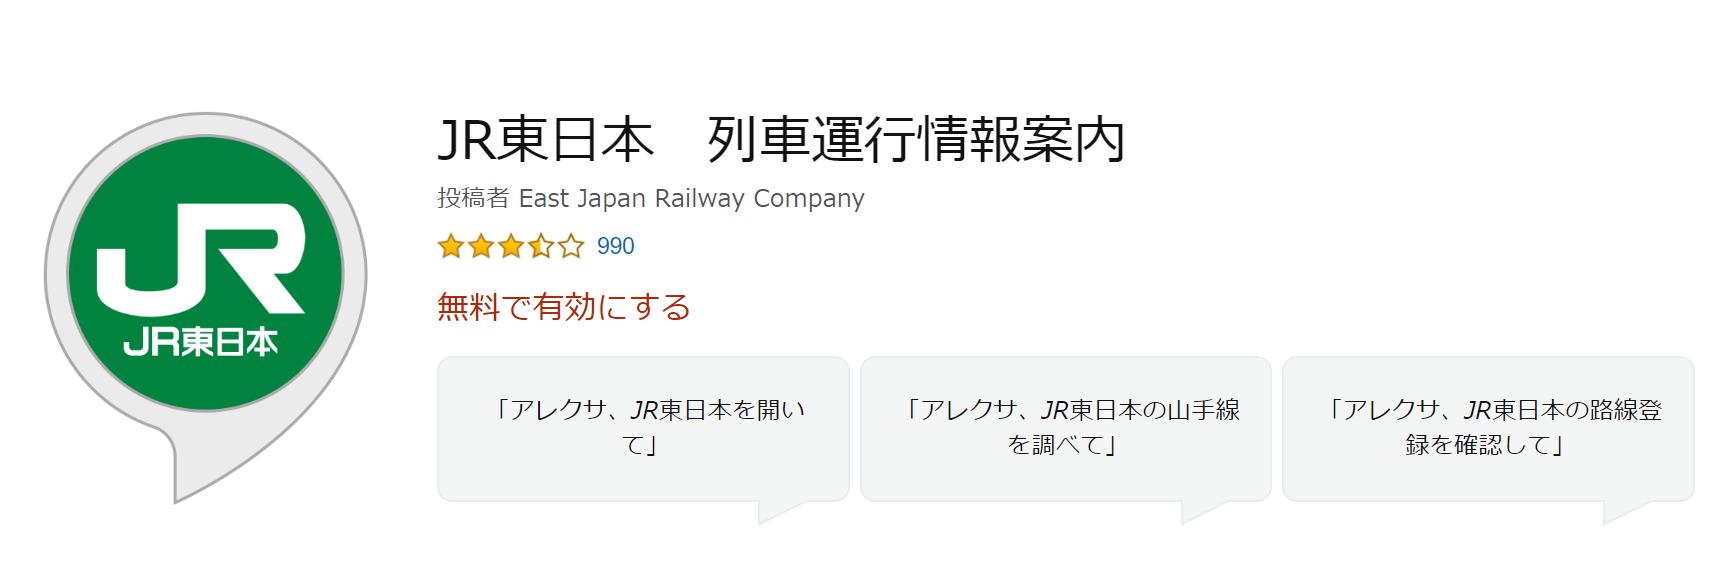 JR東日本列車運行情報案内